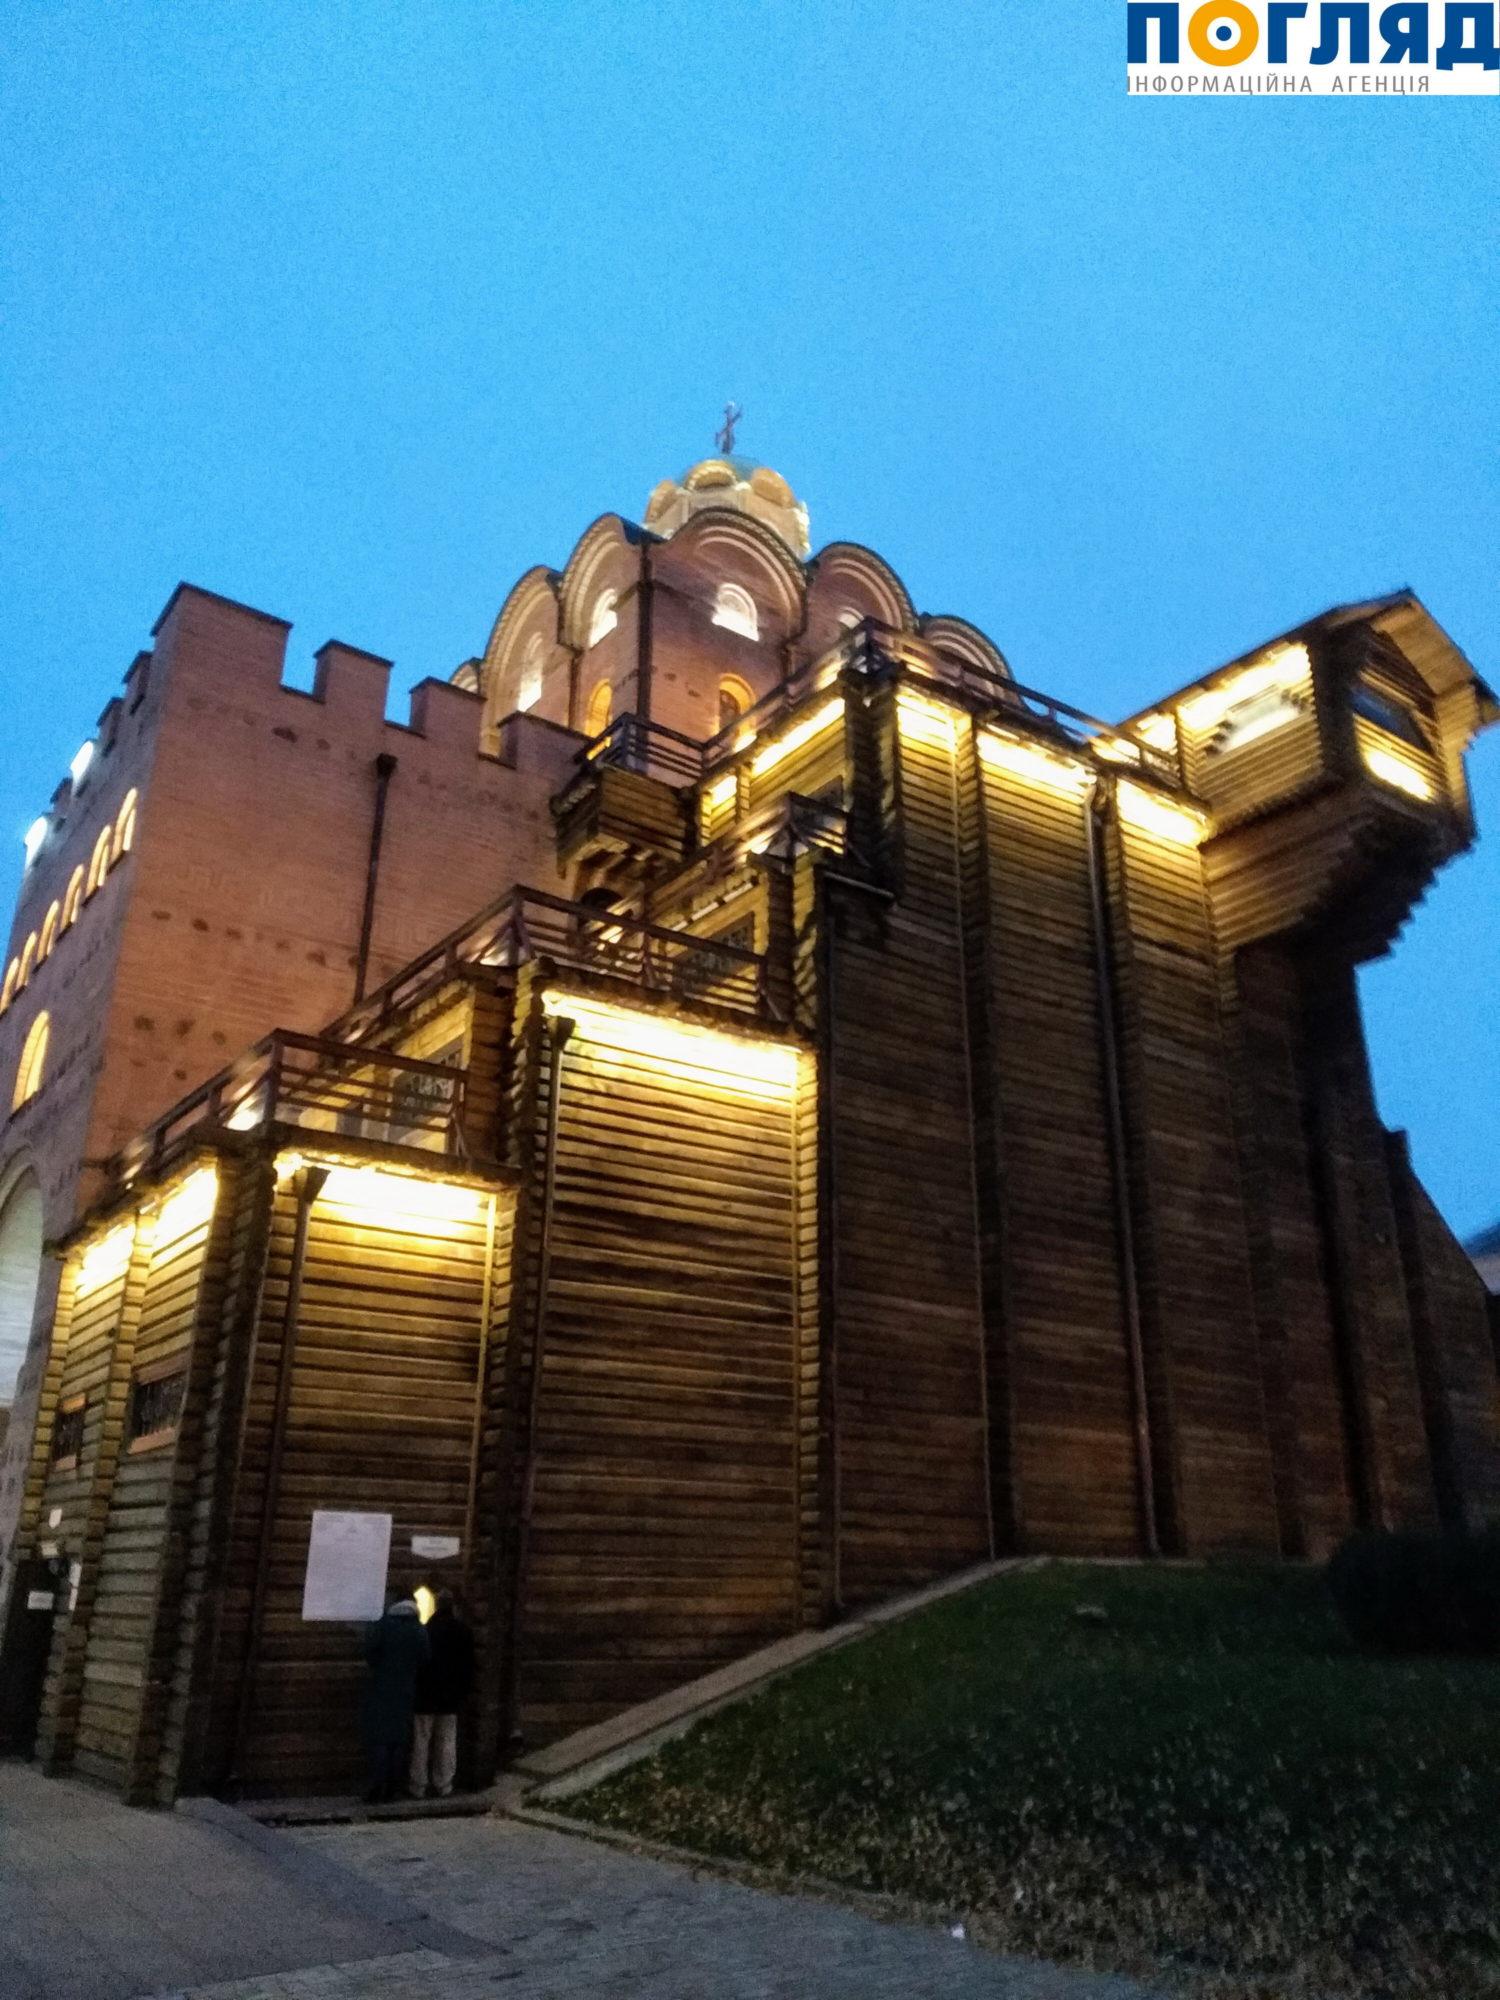 Музей «Золоті ворота» в Києві перейшов на зимовий графік роботи -  - IMG 20191117 1630242 1500x2000